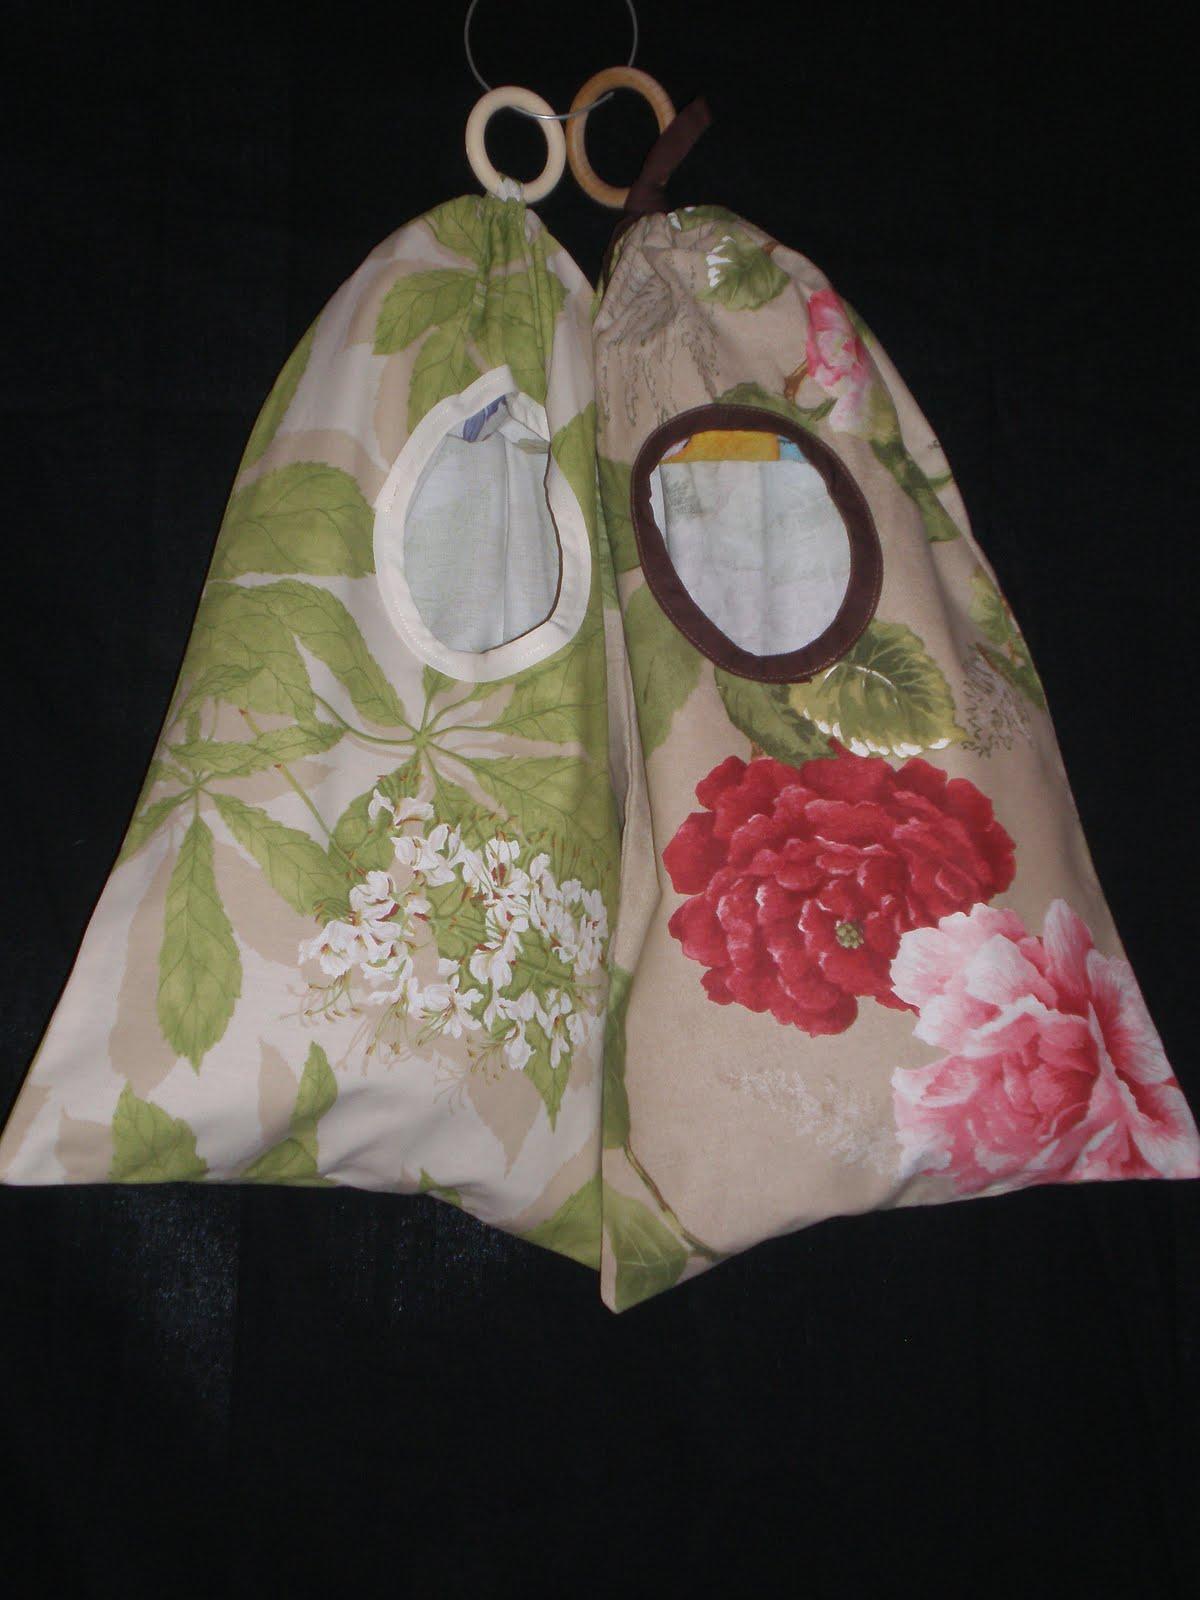 Bolsas de tela manualidades practicas ggetprints - Bolsas de tela manualidades ...